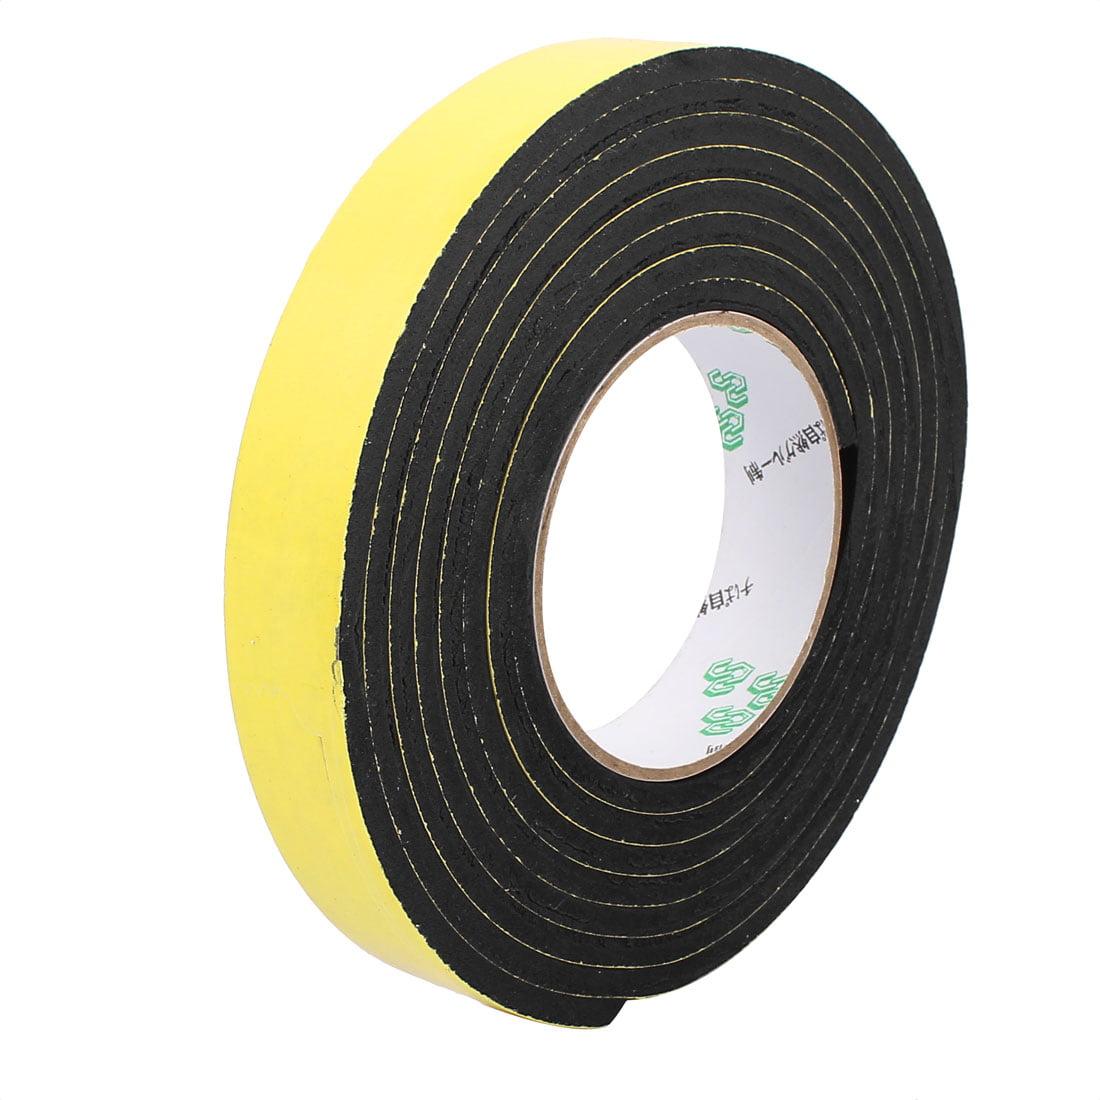 25mm x 5mm Single Sided Self Adhesive Shockproof Sponge Foam Tape 3 Meters